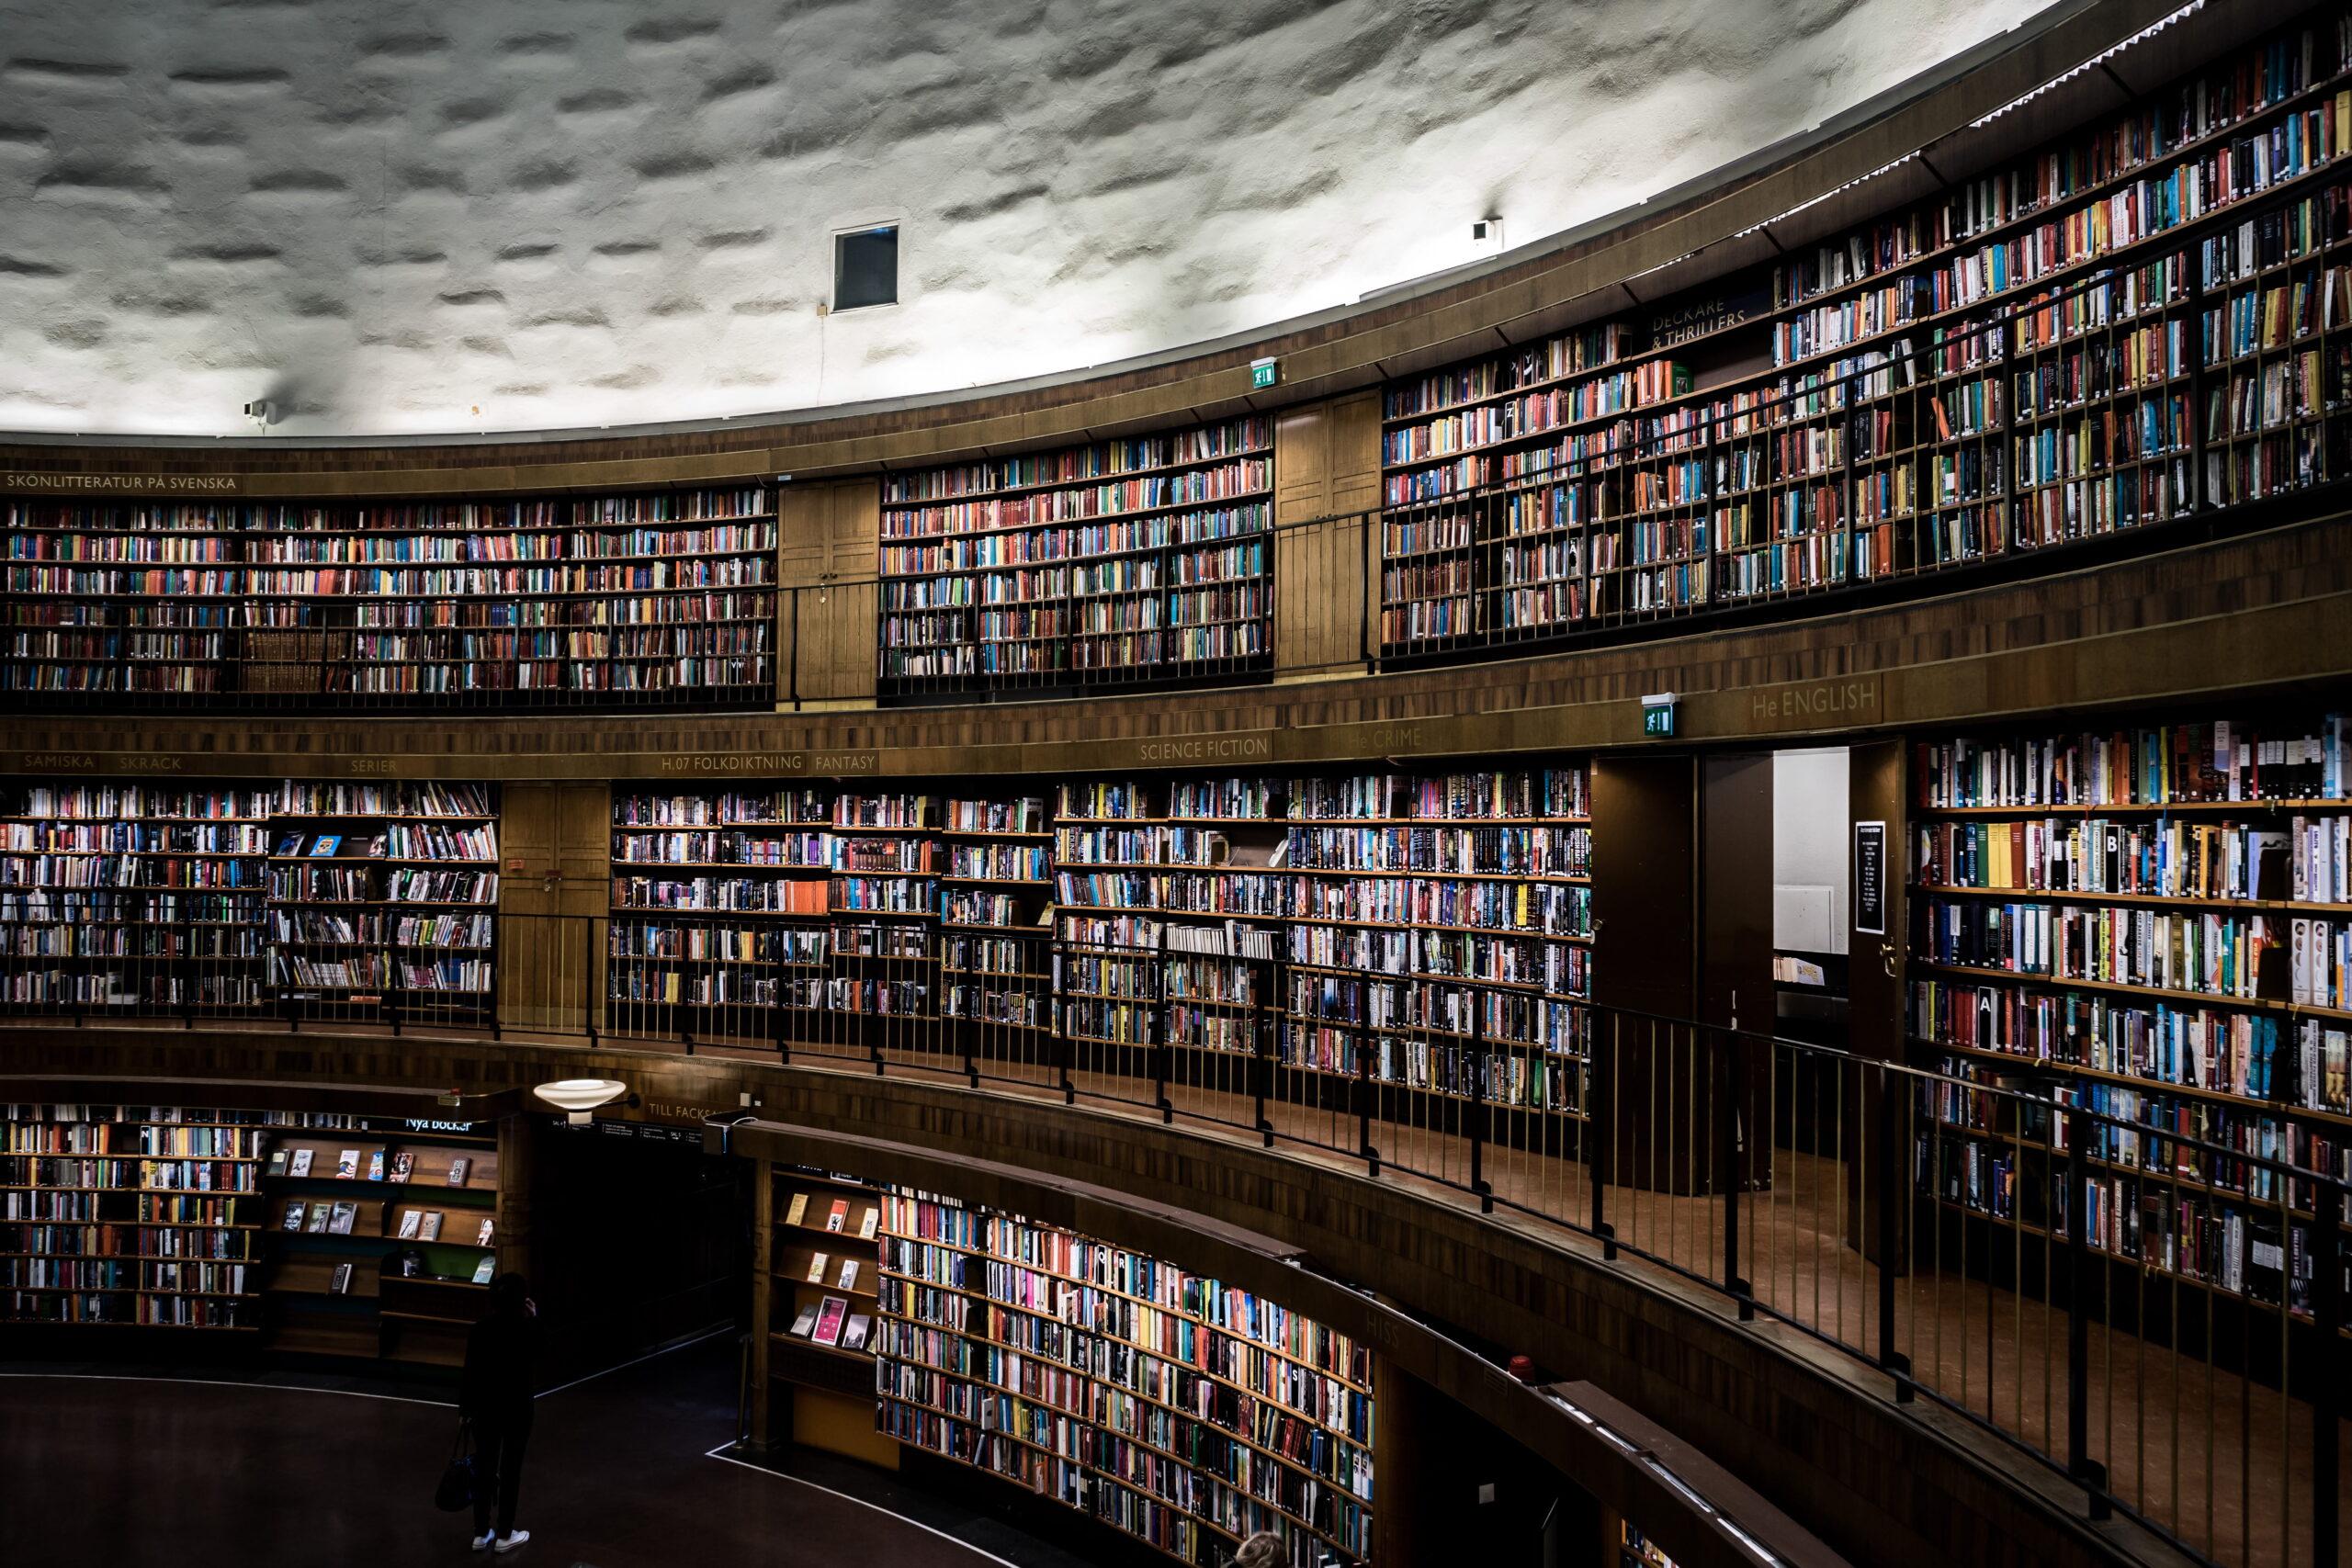 Biblioteca Pública de Estocolmo circular. Imagem ilustrativa texto bibliotecas mais bonitas do mundo.